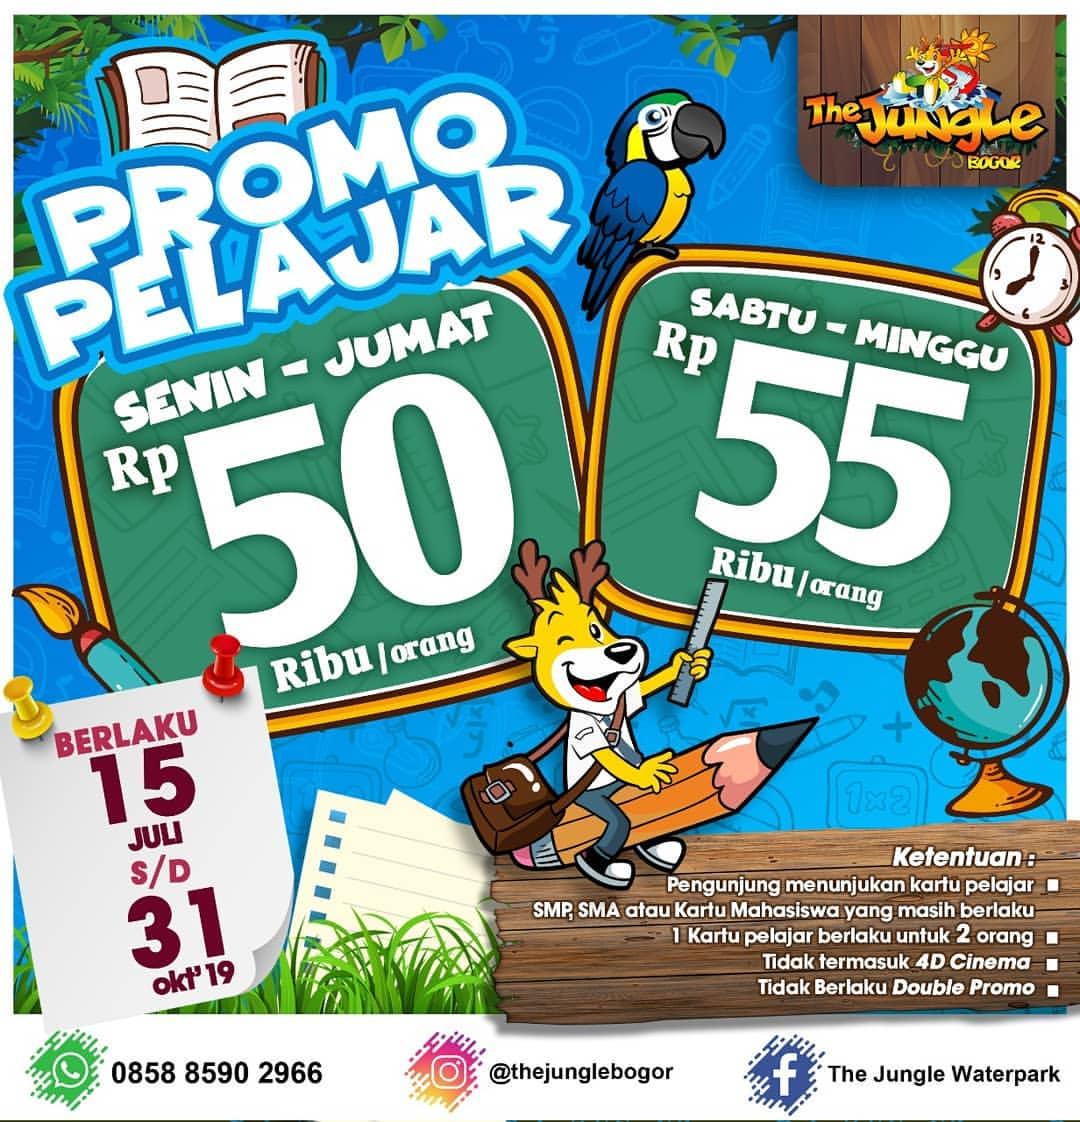 Diskon THE JUNGLE Promo Harga Spesial Tiket Masuk khusus pelajar SMP, SMA, dan Mahasiswa